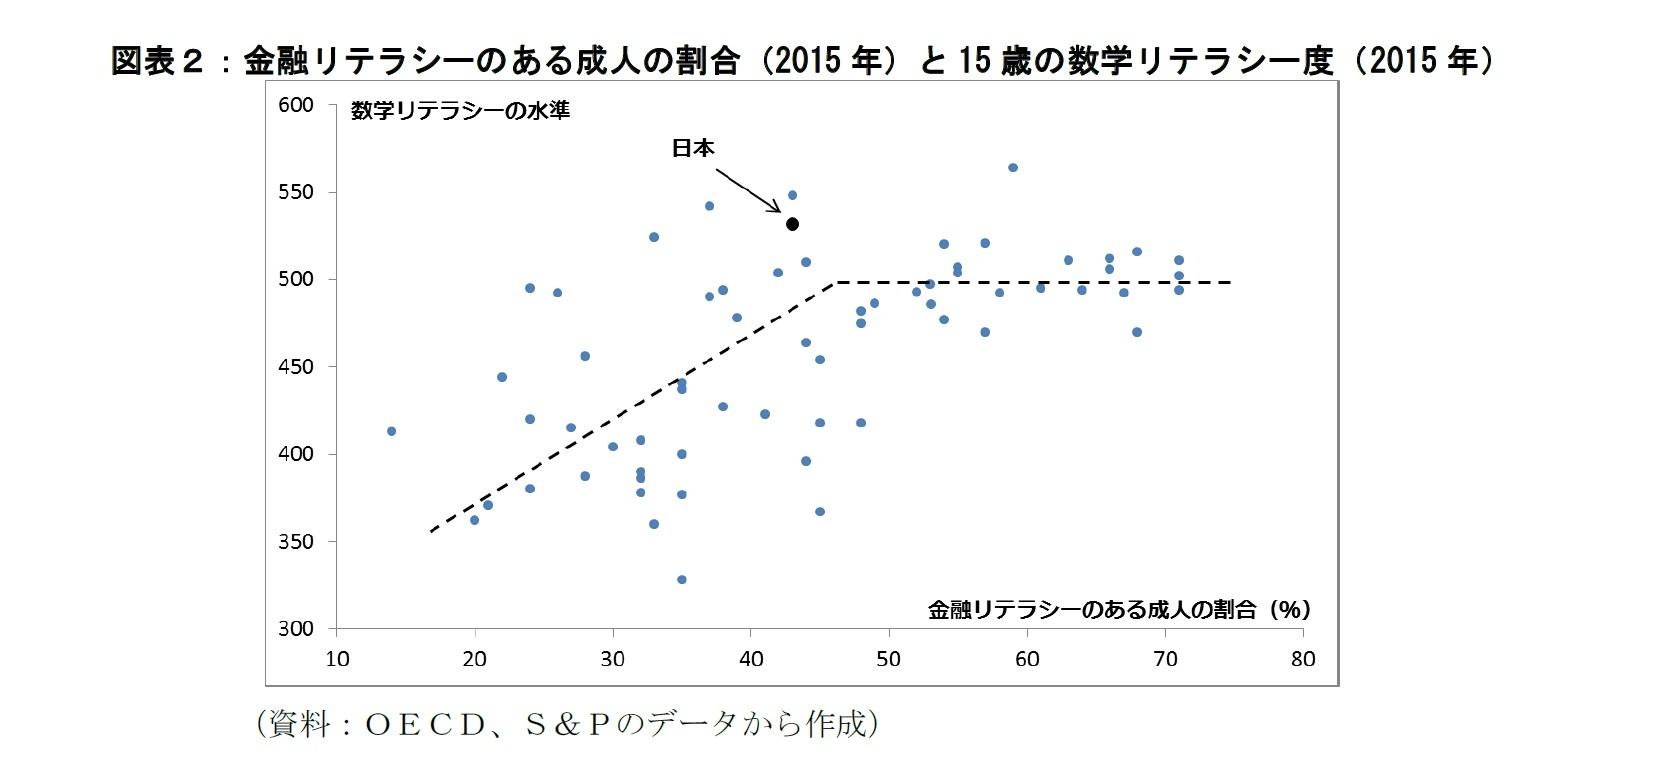 図表2:金融リテラシーのある成人の割合と15歳の数学リテラシー度